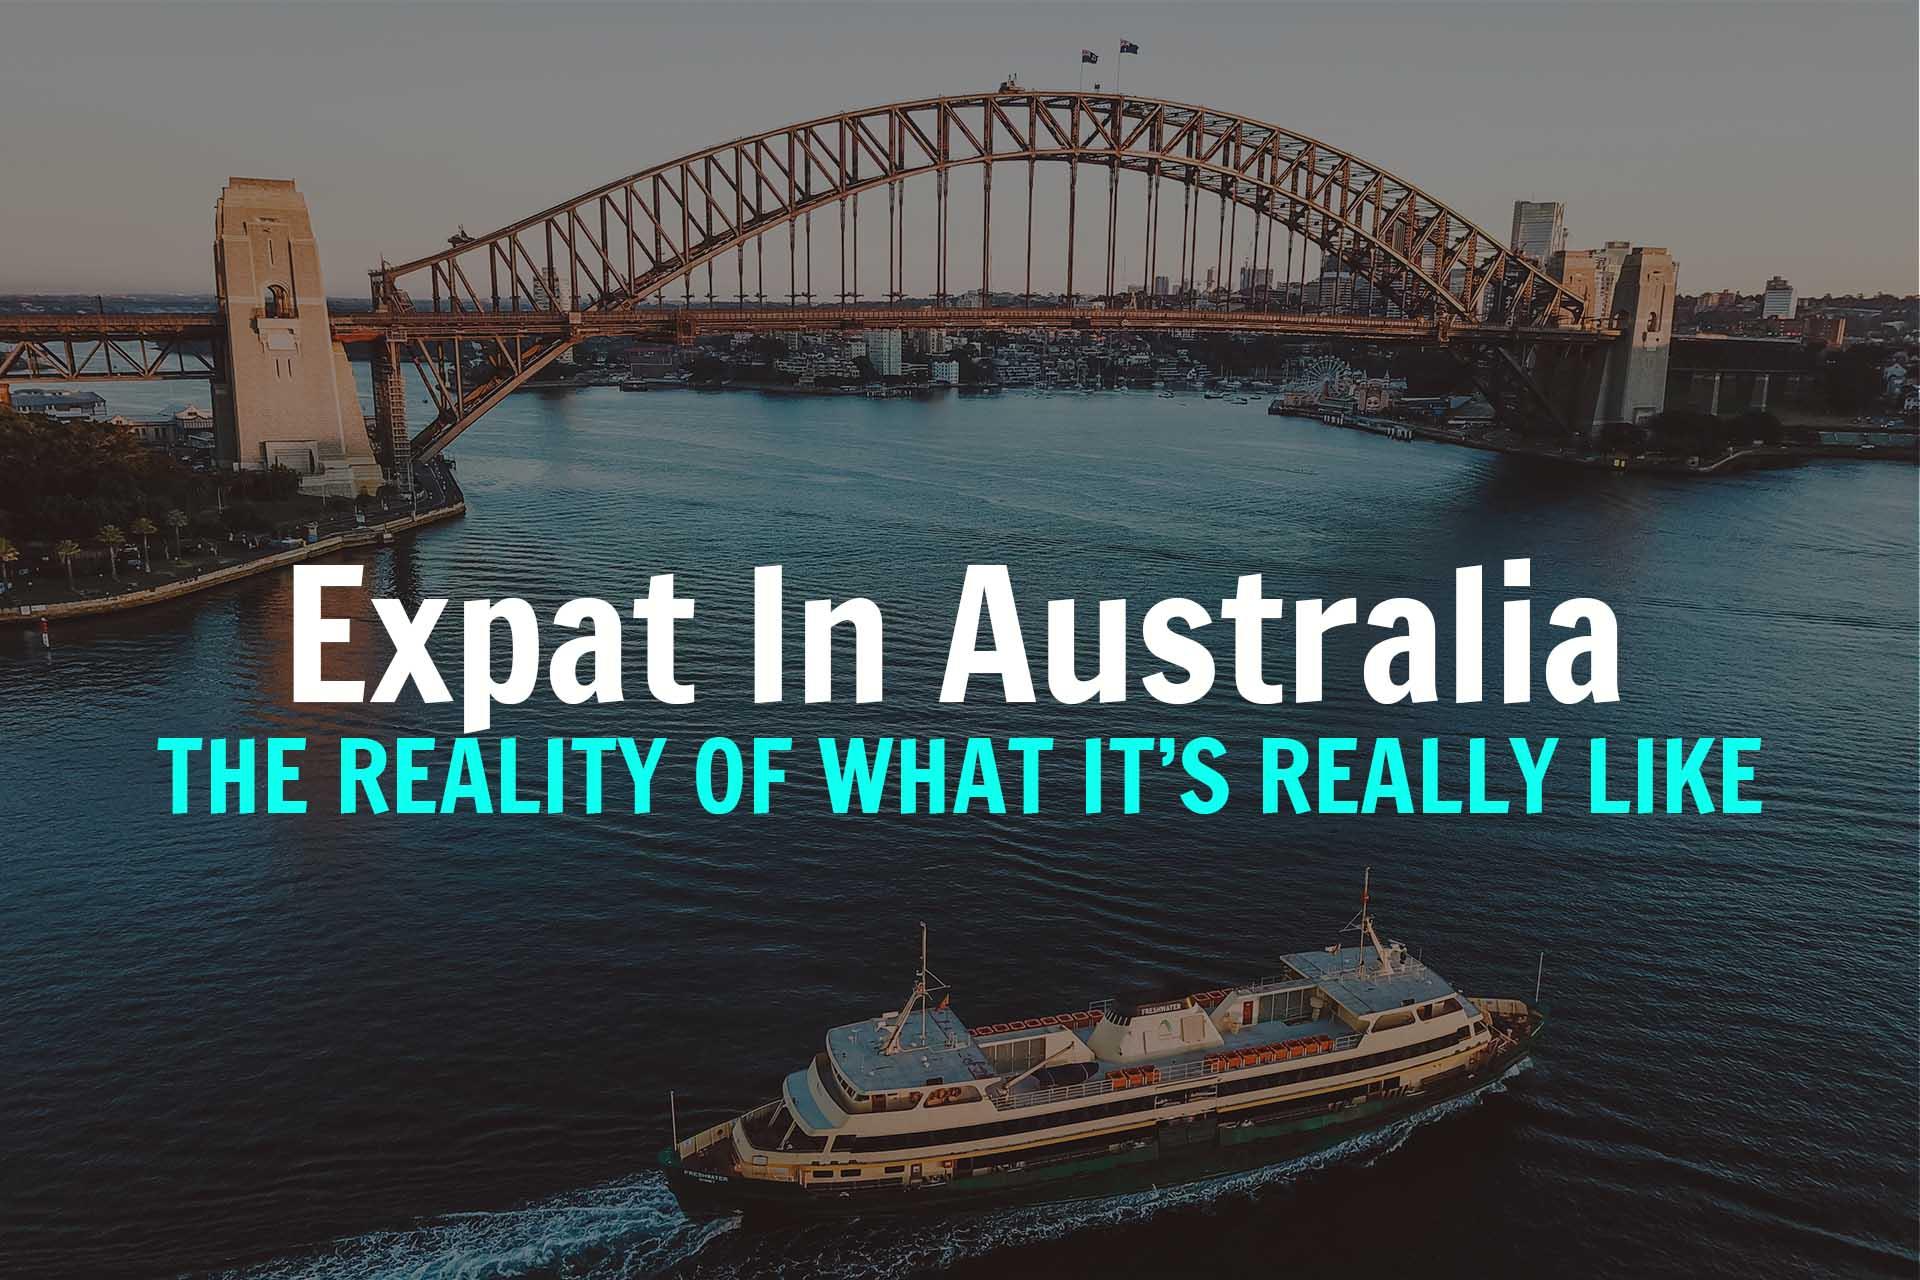 EXPAT-IN-AUSTRALIA